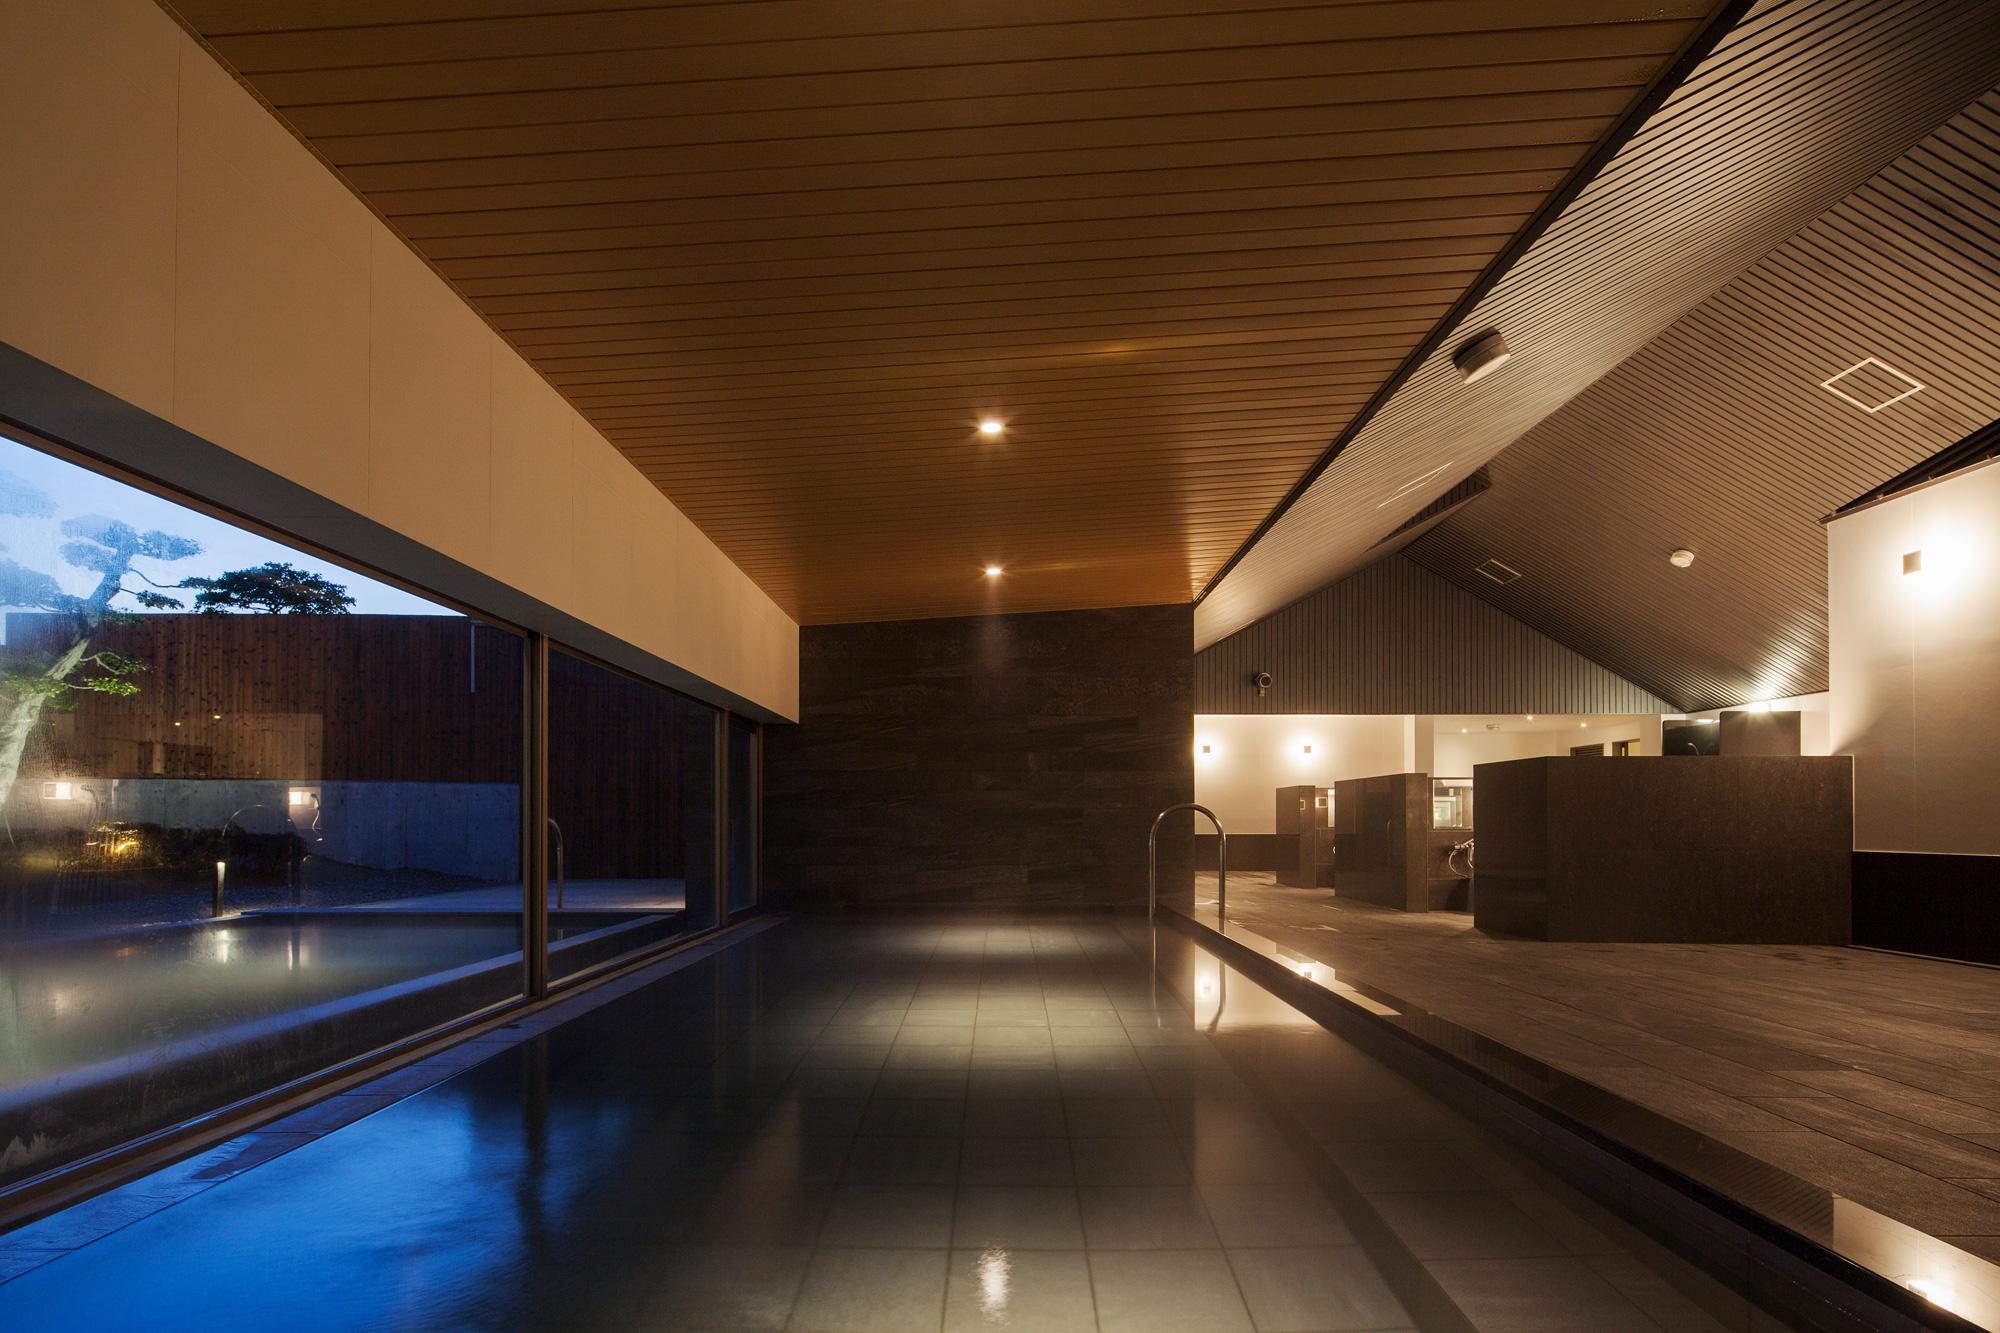 内湯: 内湯部分は天井を低くし、落ち着きのある空間